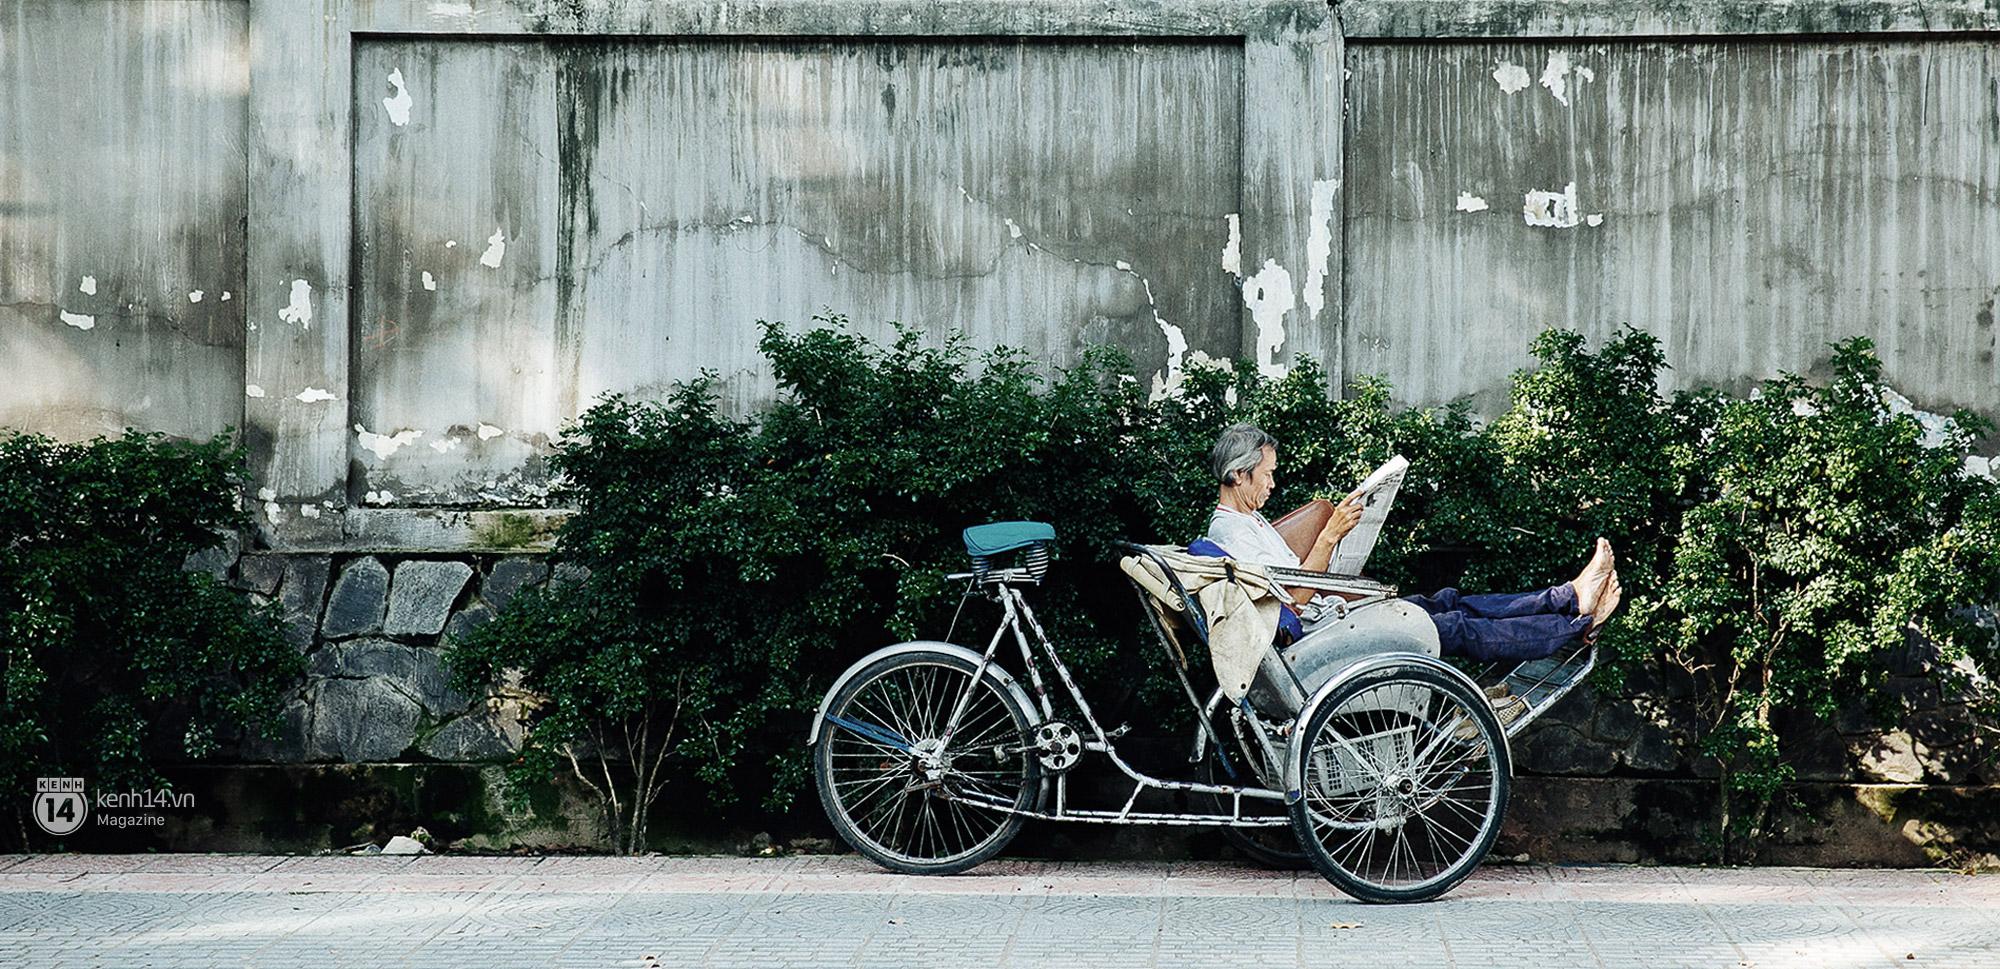 """Ai chê người Sài Gòn """"quê mùa"""" chứ Sài Gòn chẳng bao giờ chê ai là người nhà quê! - Ảnh 2."""